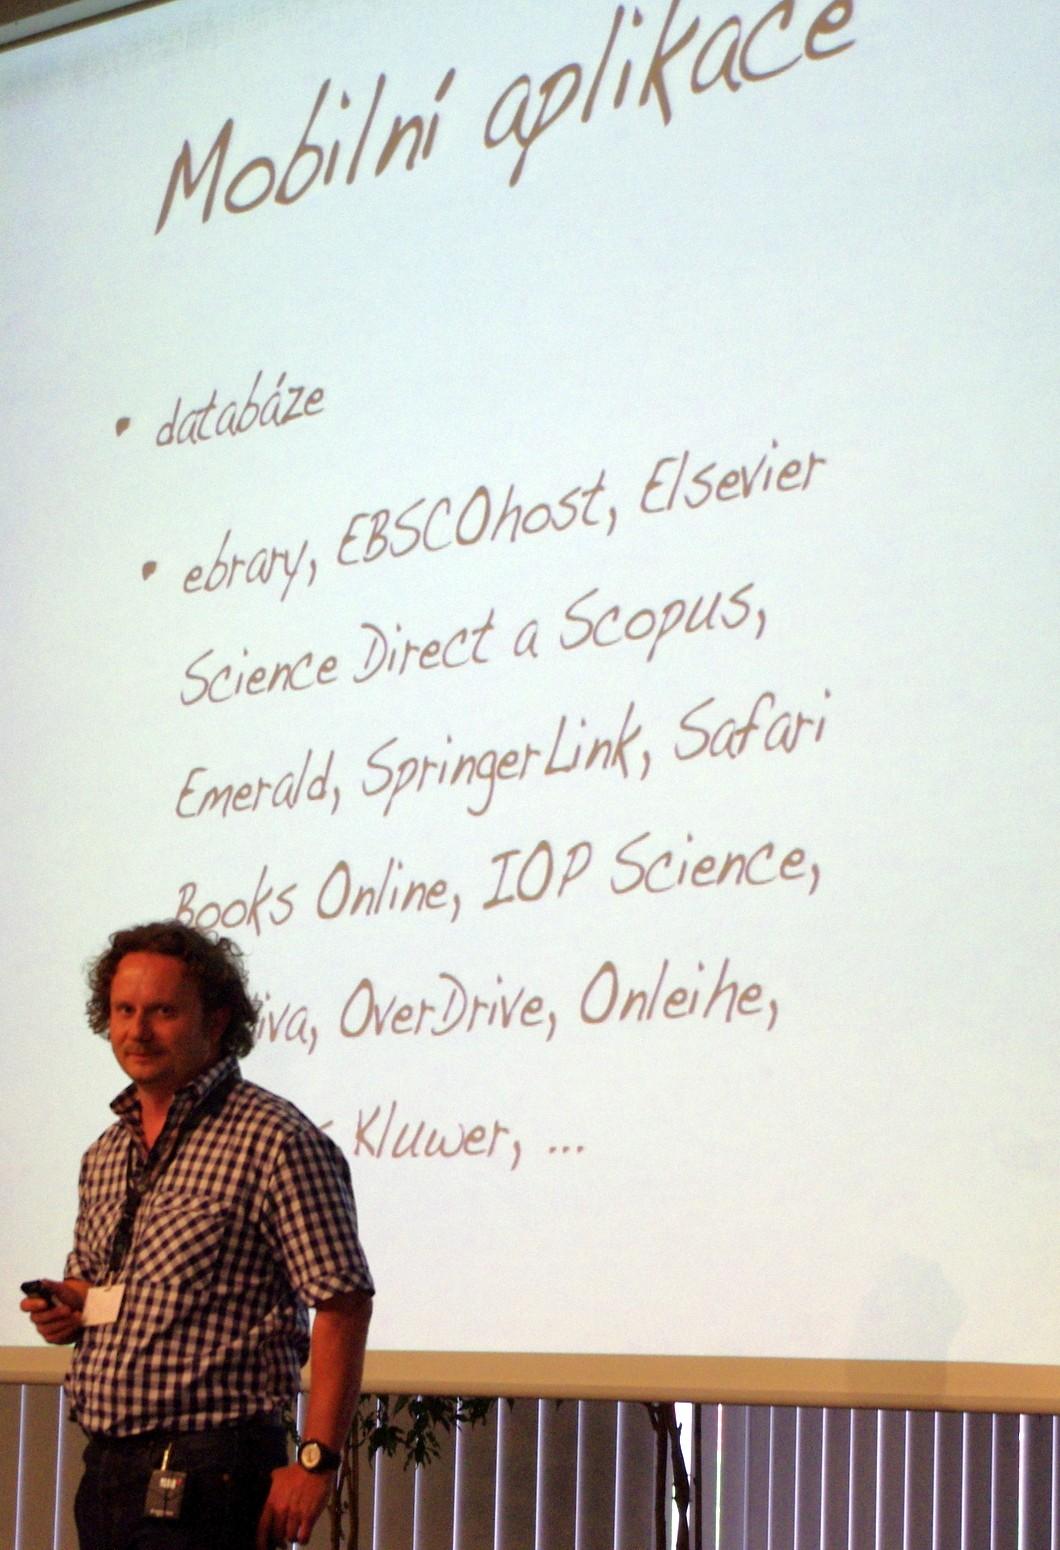 Zajímavá přednáška Jiřího Pavlíka o mobilních aplikacích